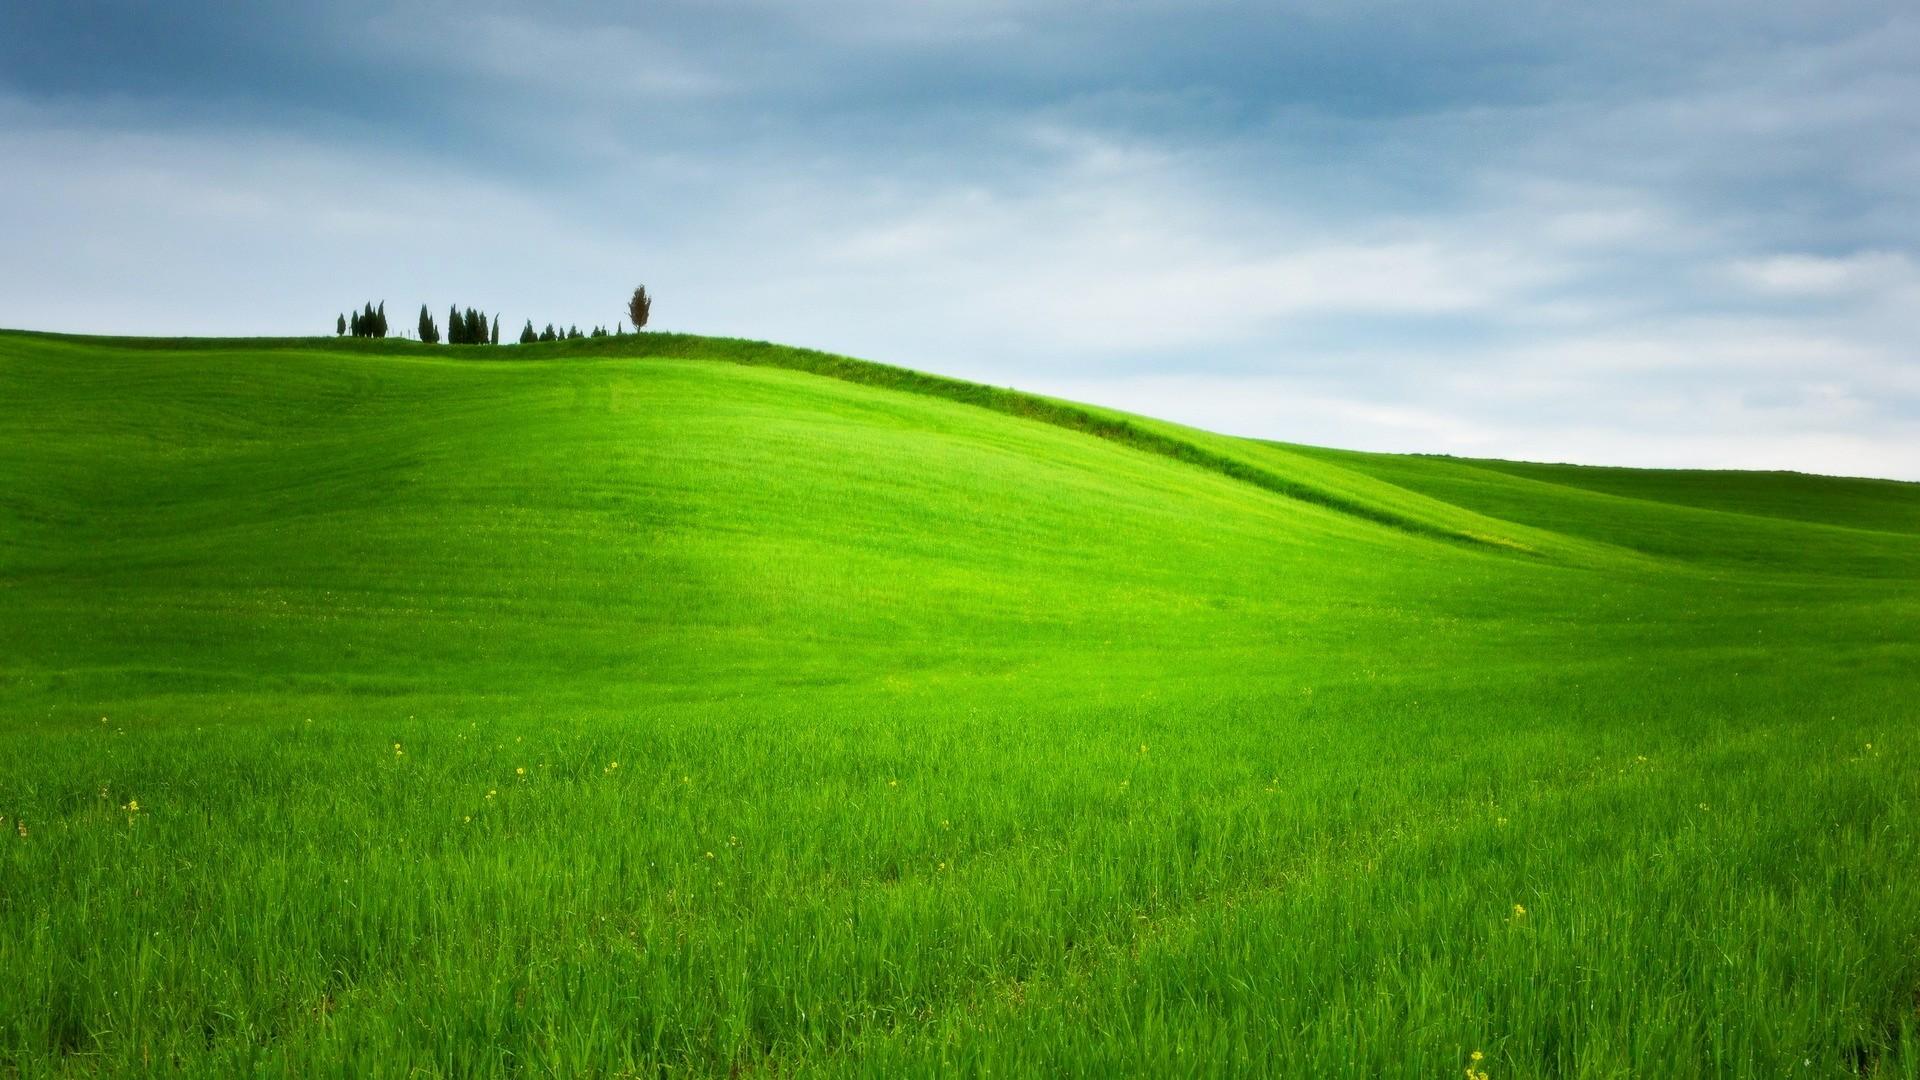 картинка зеленые холмы утвердительный